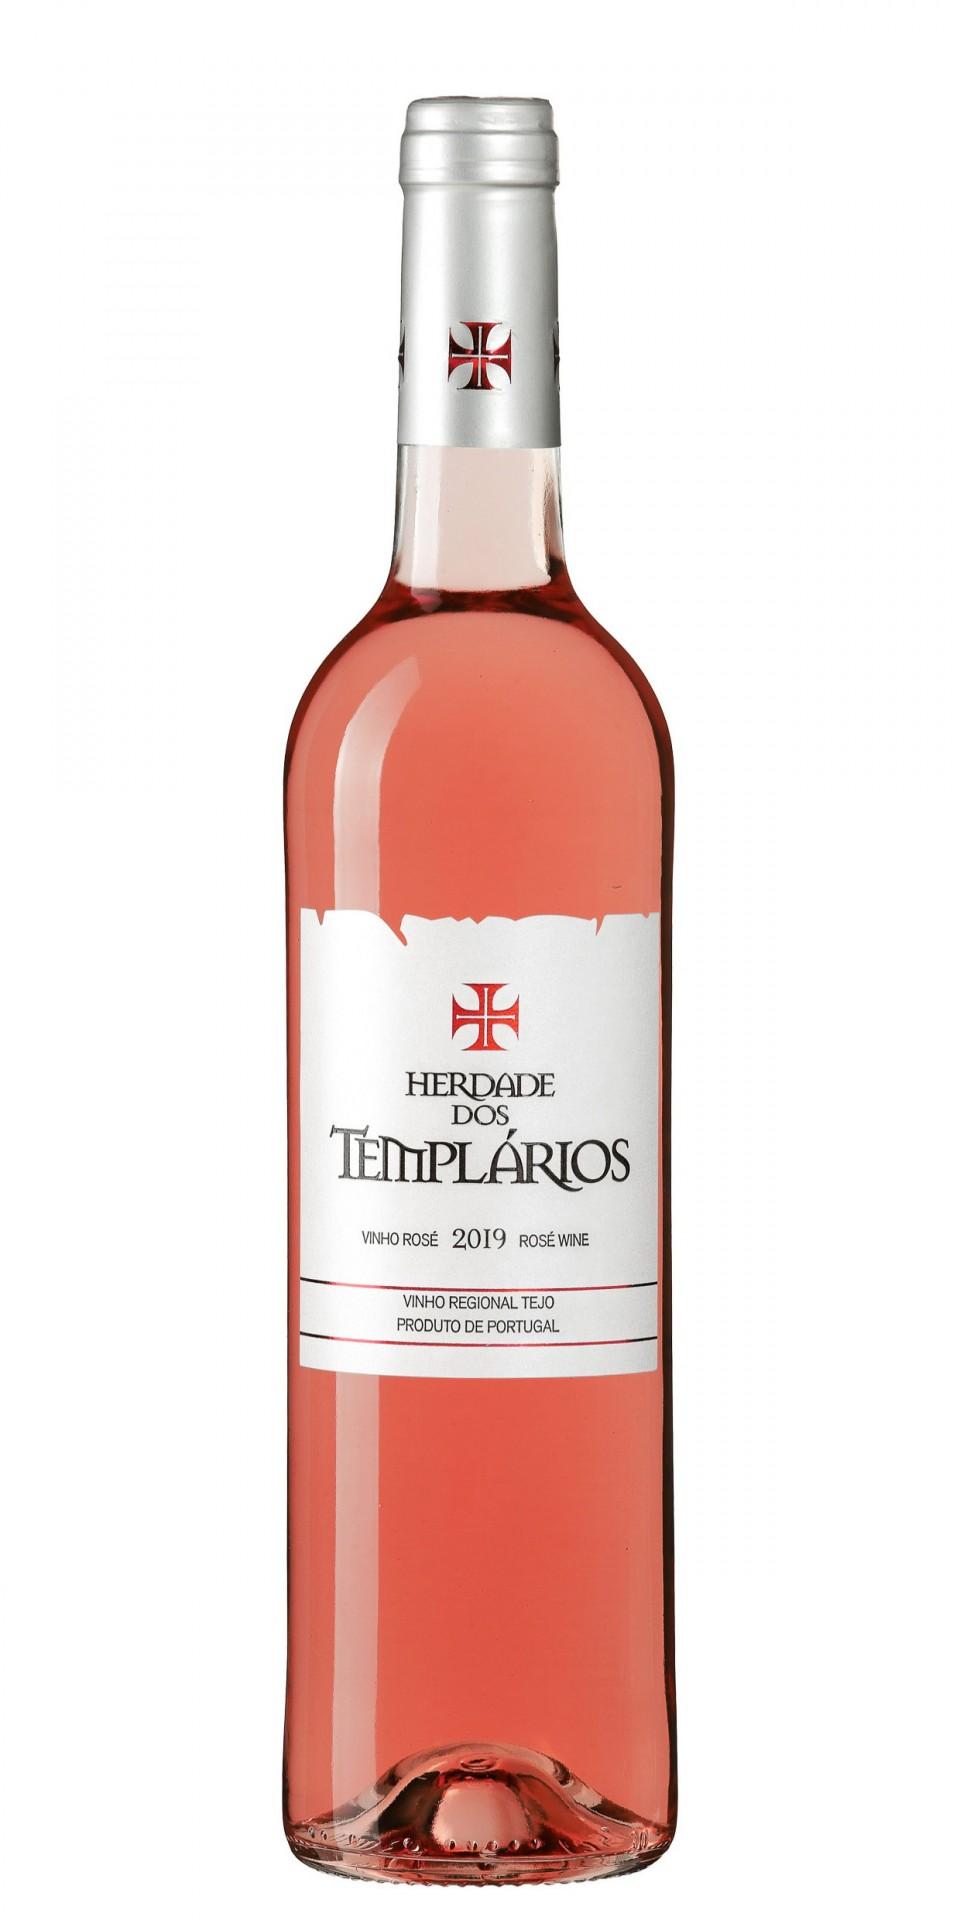 Herdade dos Templários rosé